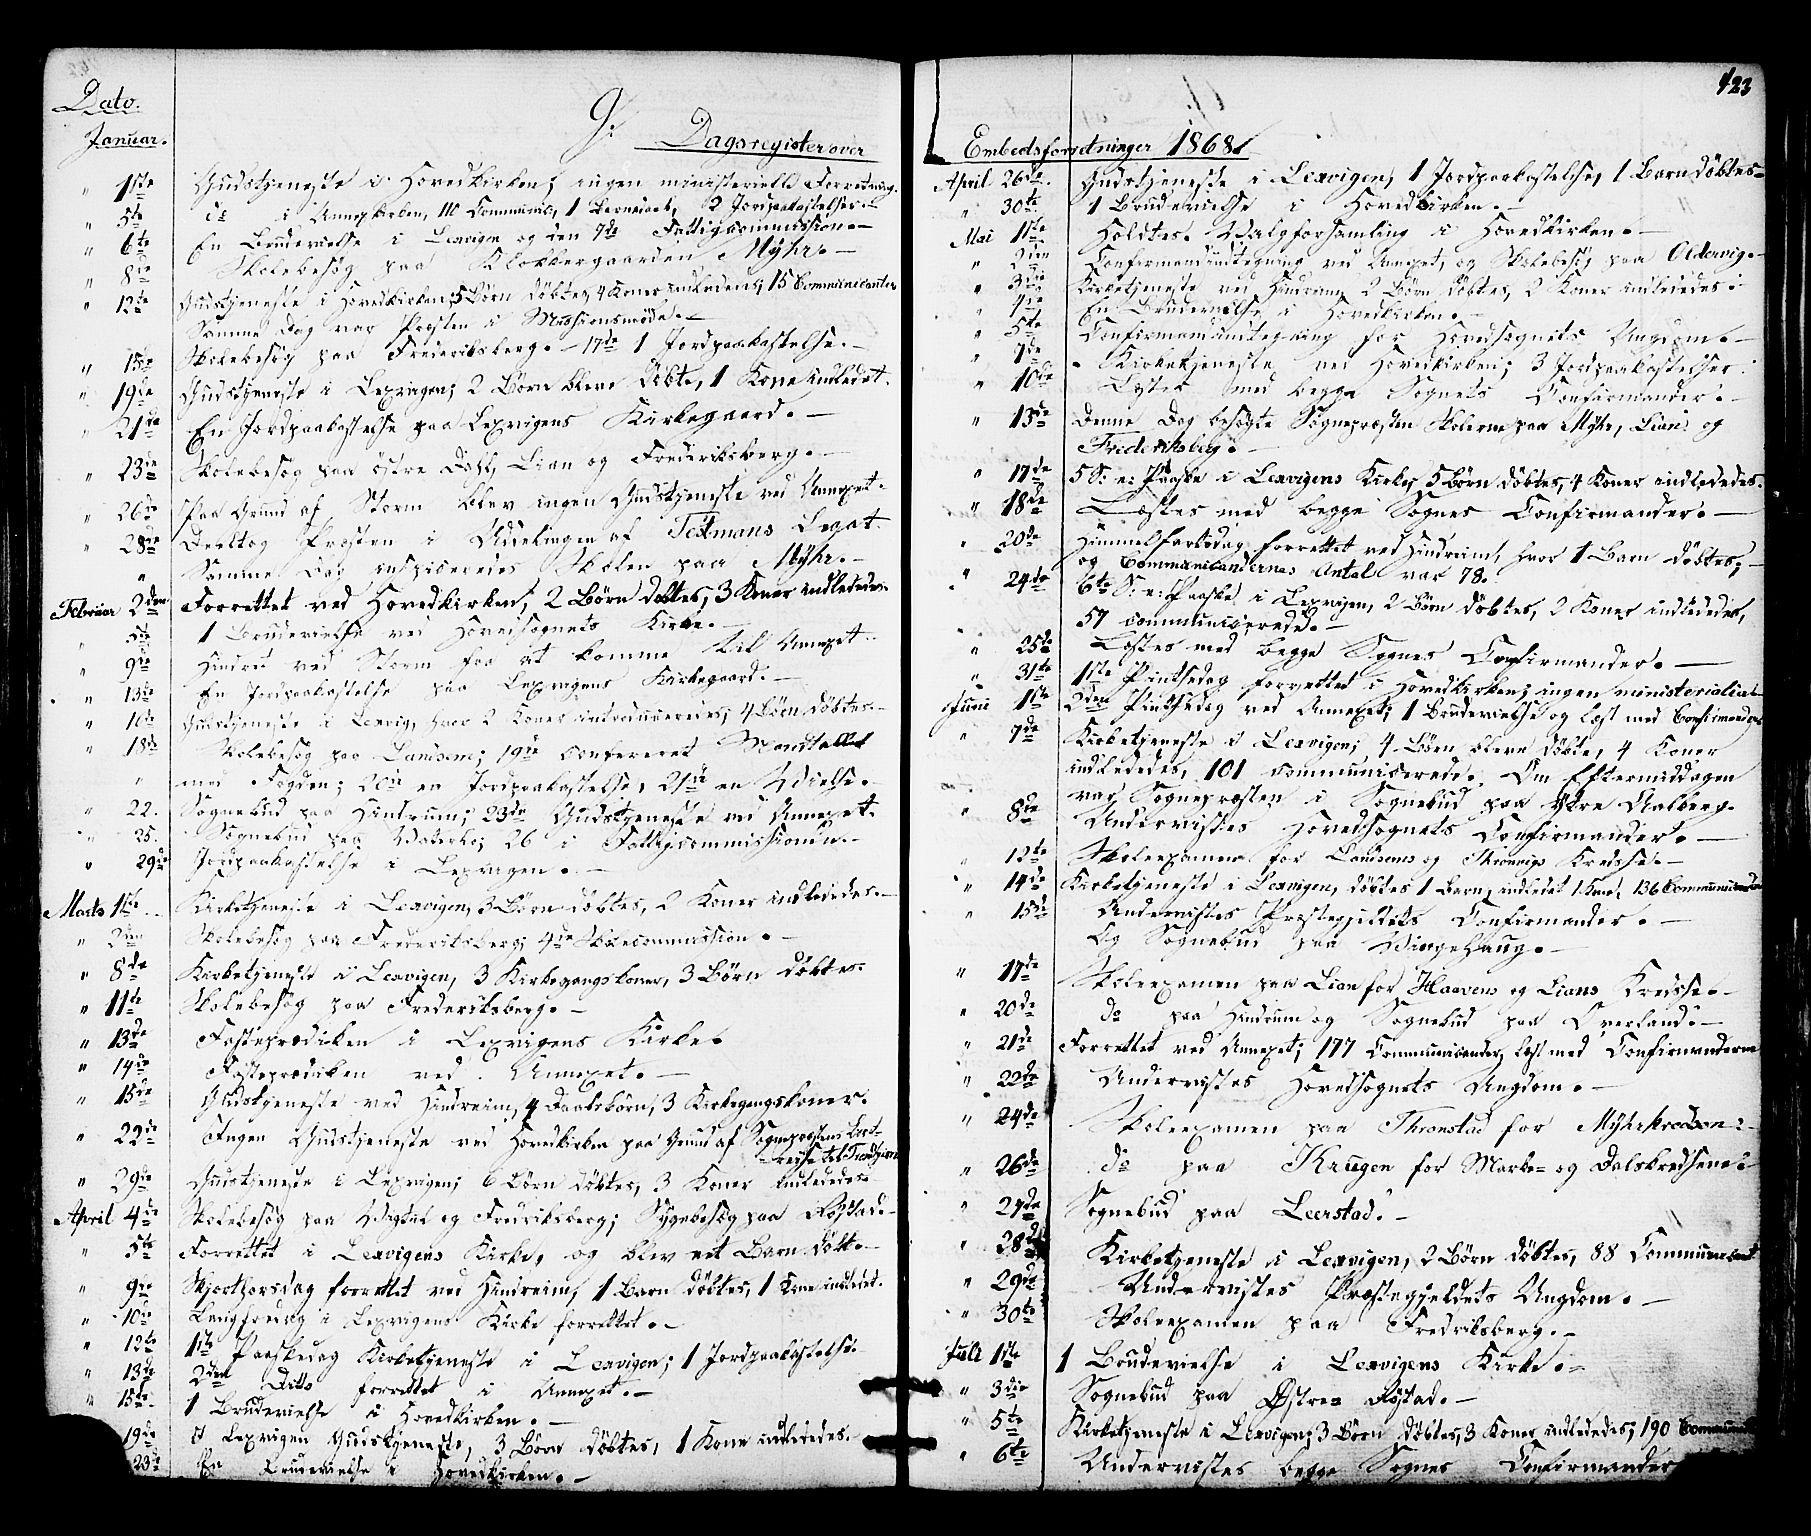 SAT, Ministerialprotokoller, klokkerbøker og fødselsregistre - Nord-Trøndelag, 701/L0009: Ministerialbok nr. 701A09 /1, 1864-1882, s. 423